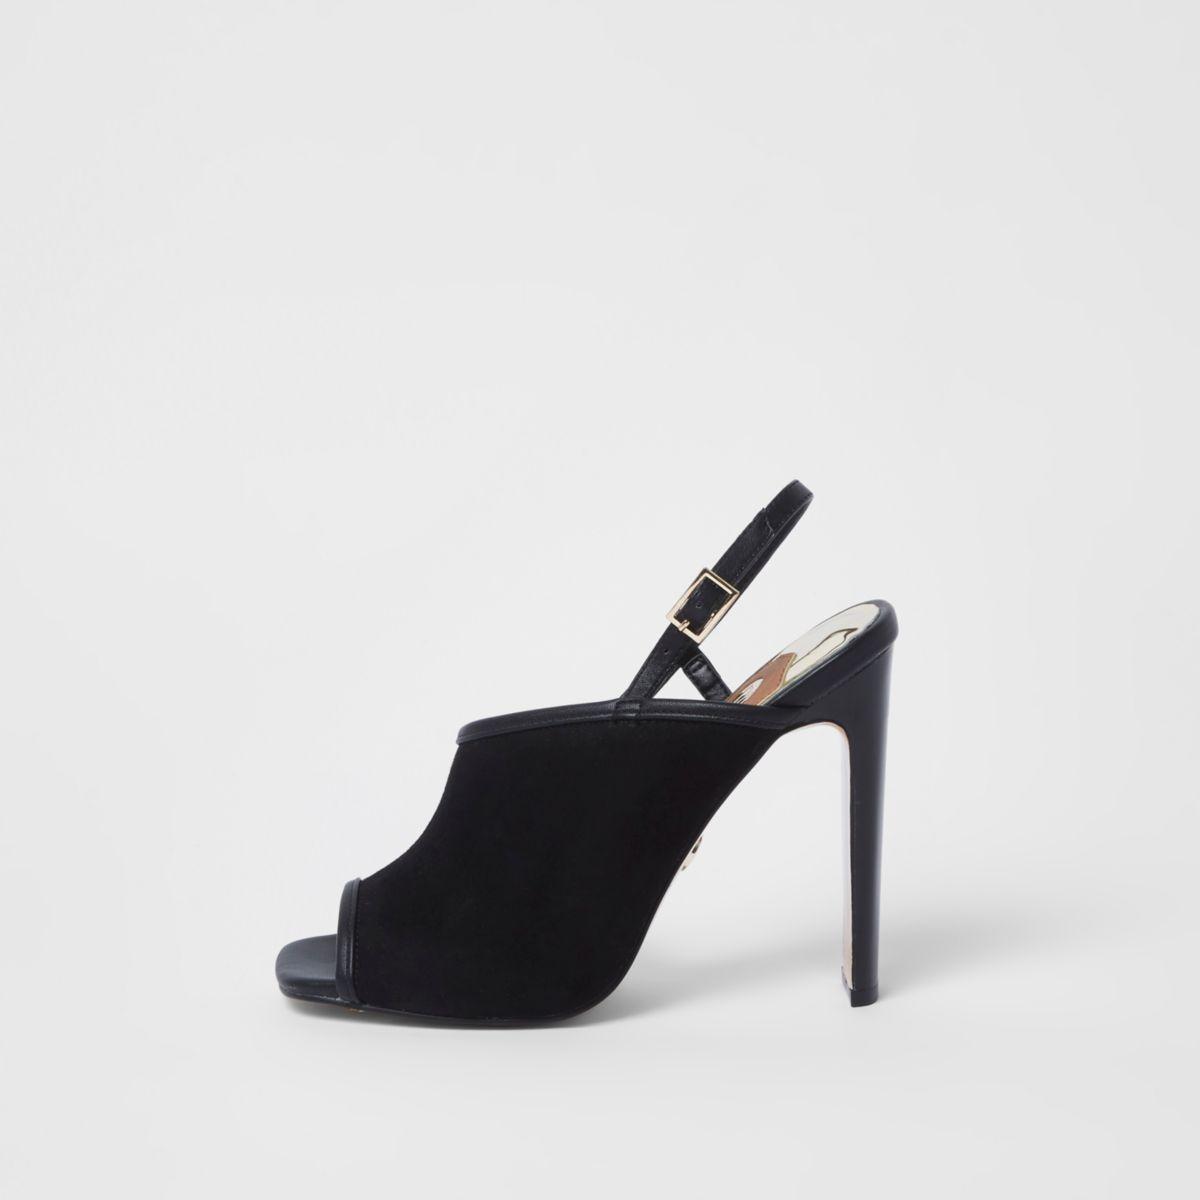 River Island Chaussures asymétriques noires à talon fin